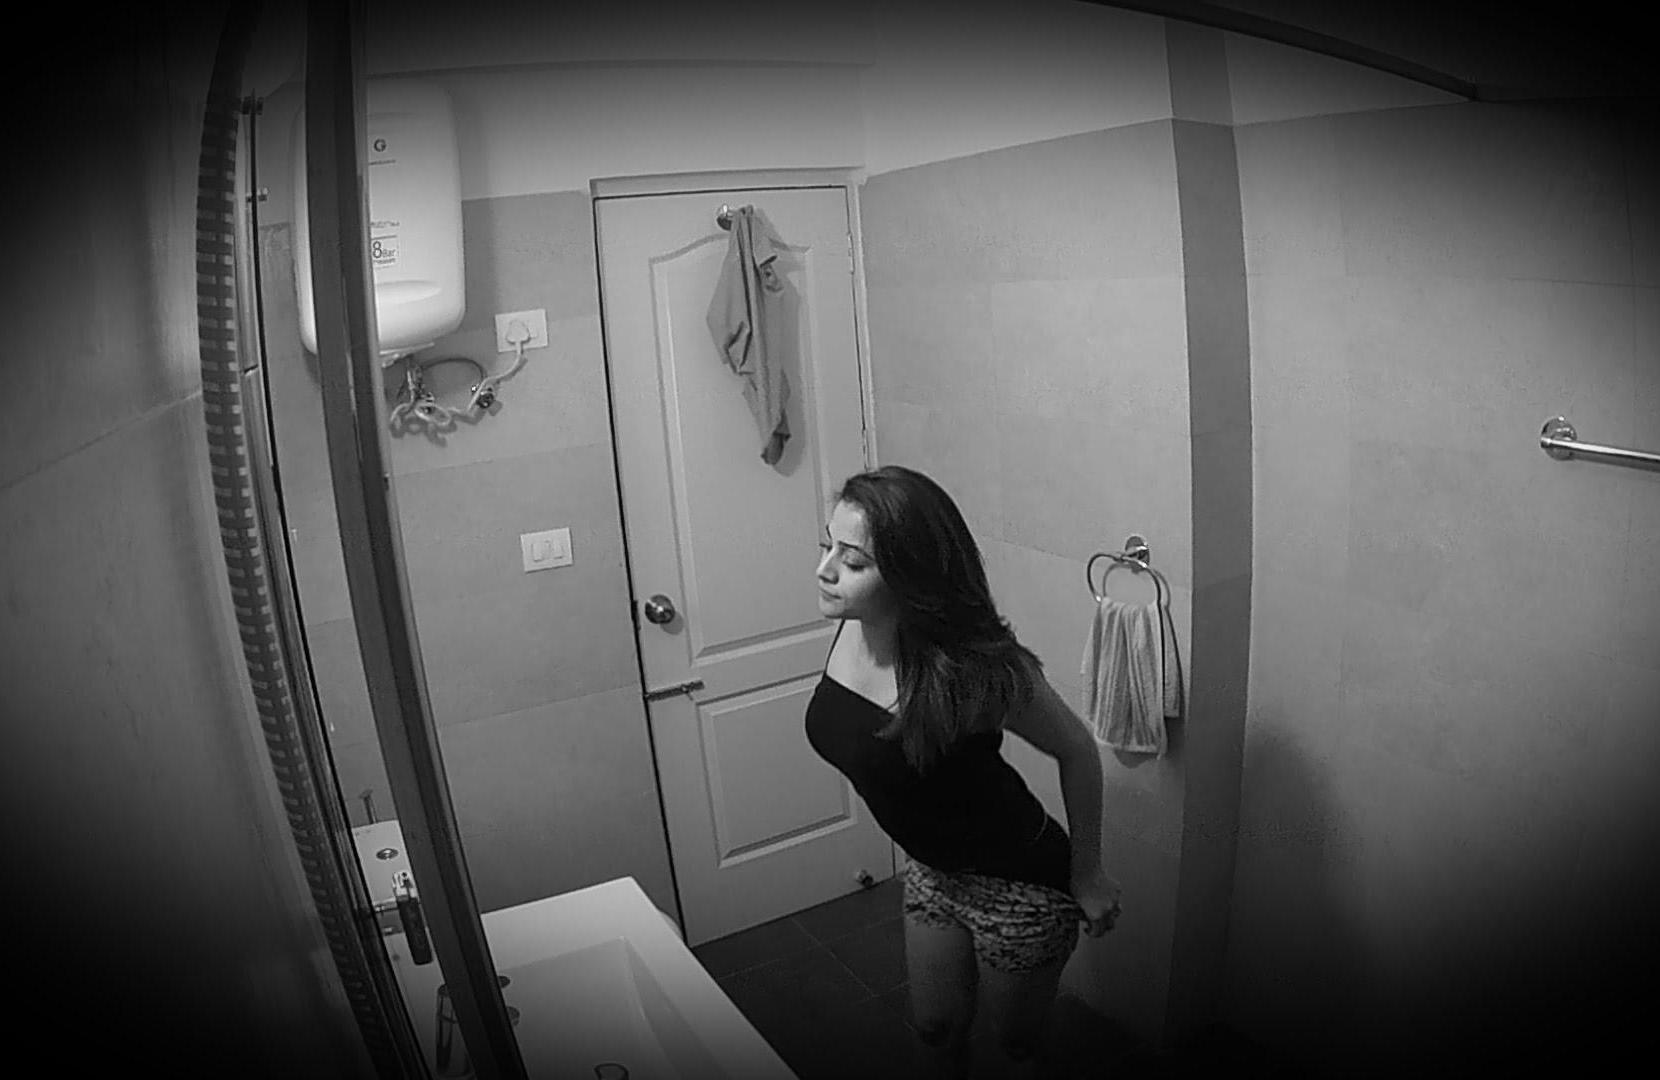 съемка скрытой камерой случайных сексуальных утех - 6